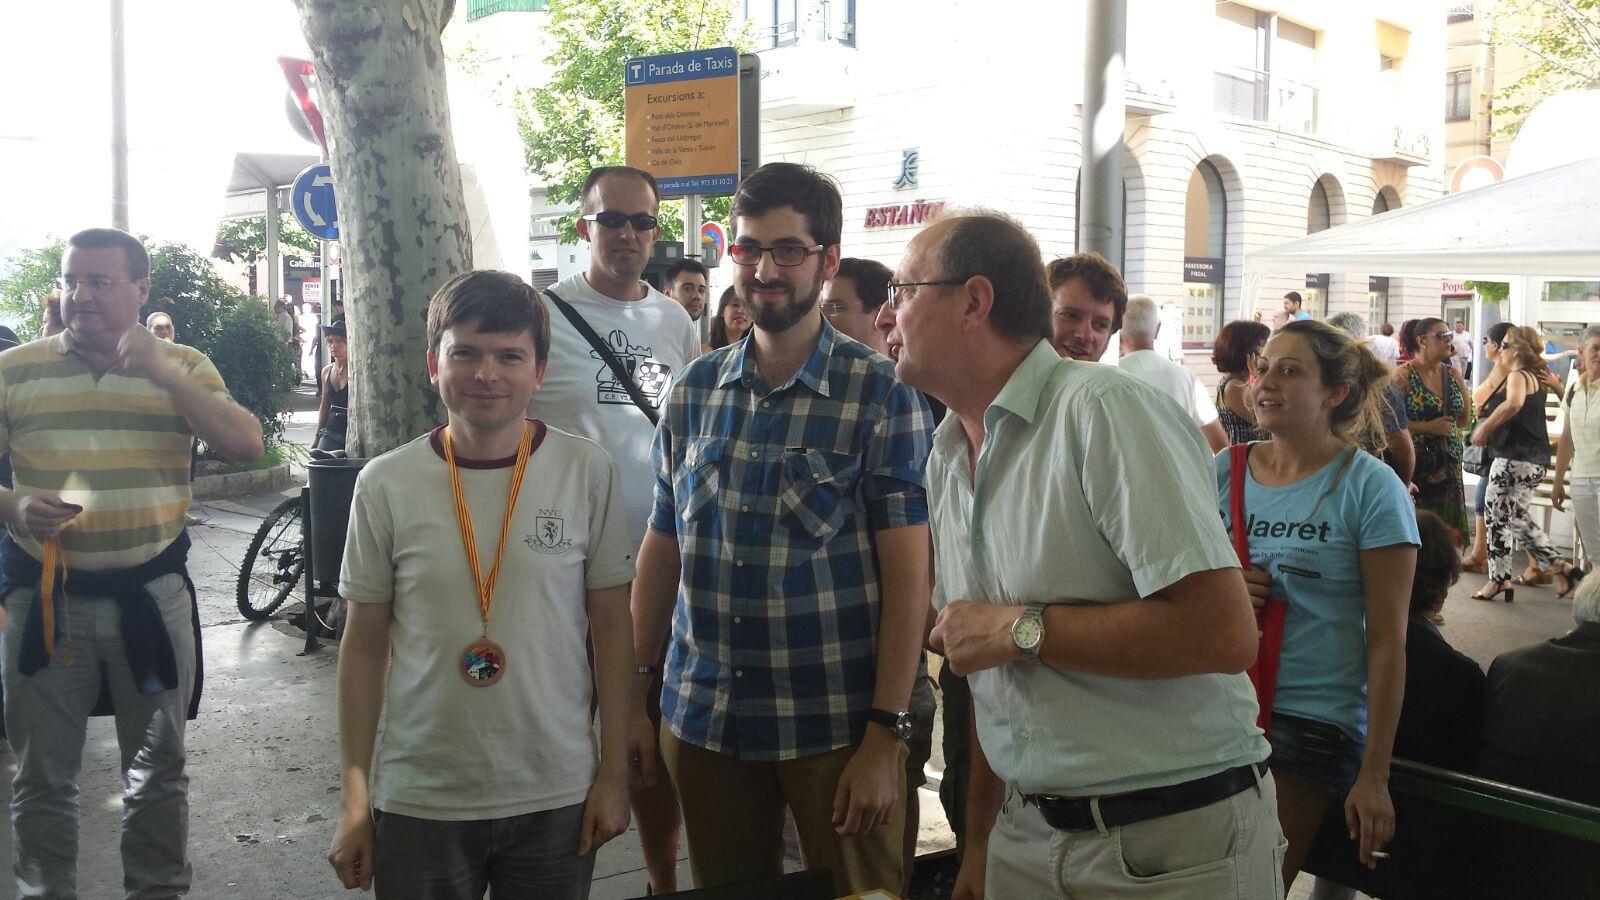 2016 Festa Major La Seu d'Urgell